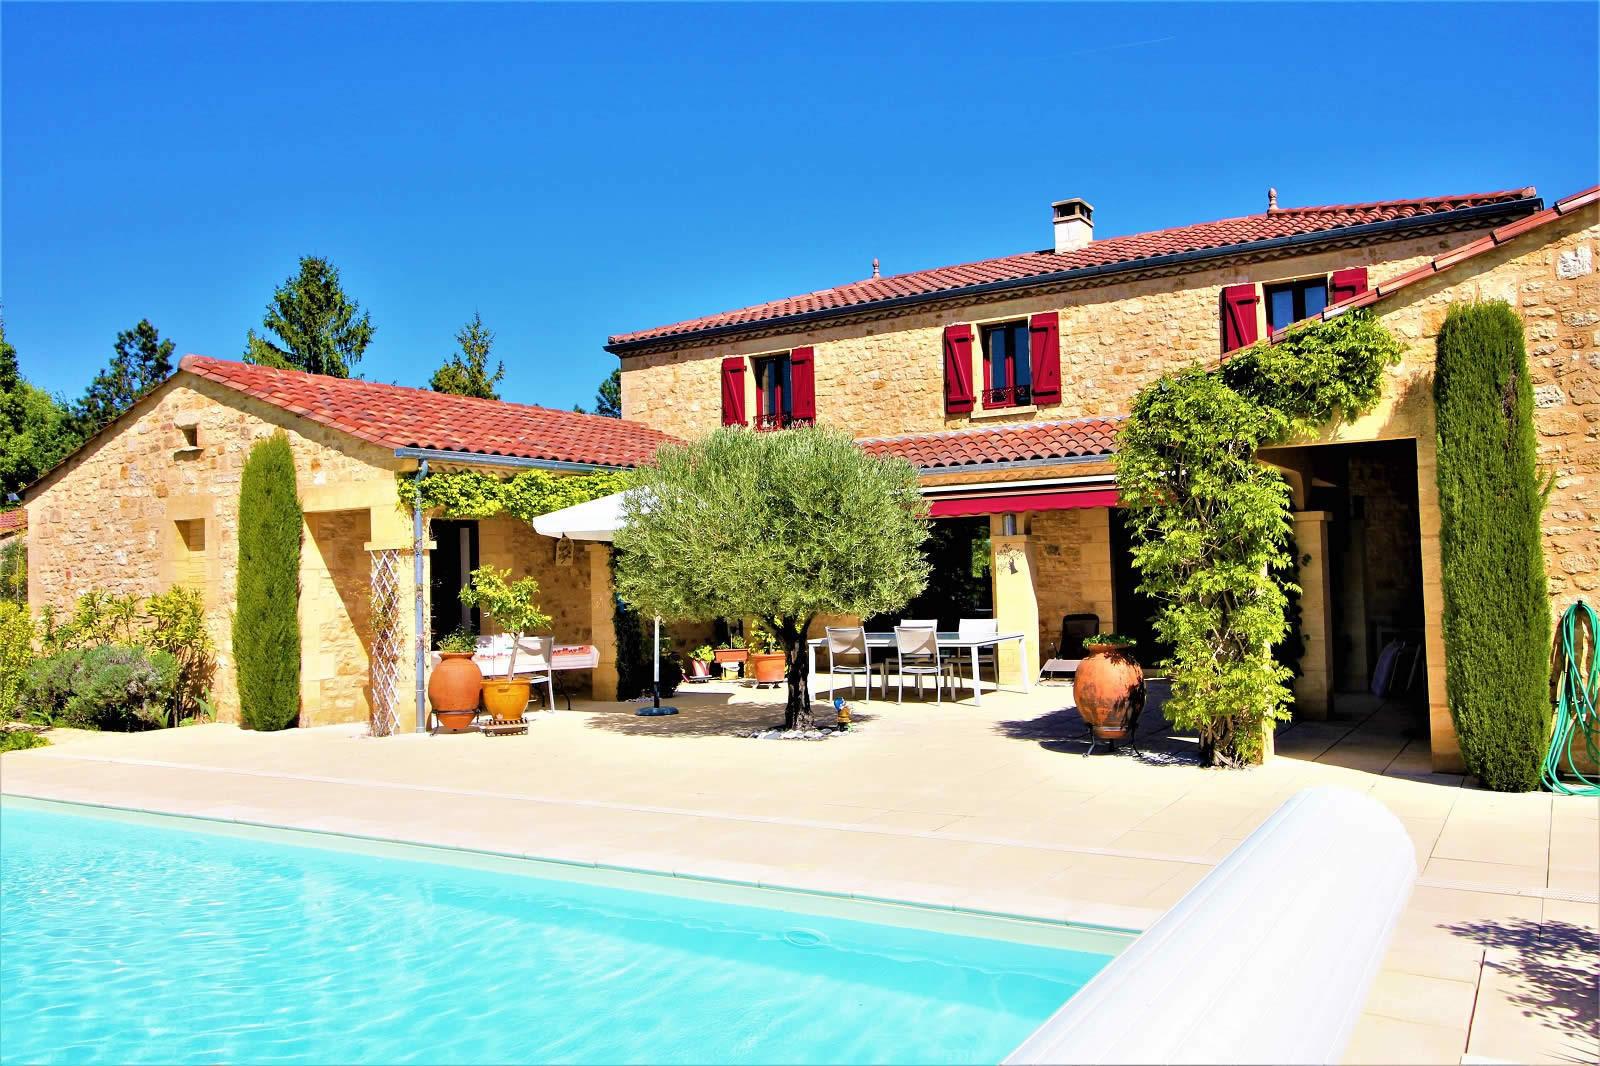 villa-a-vendre-sarlat-terrasse-plein-sud-piscine